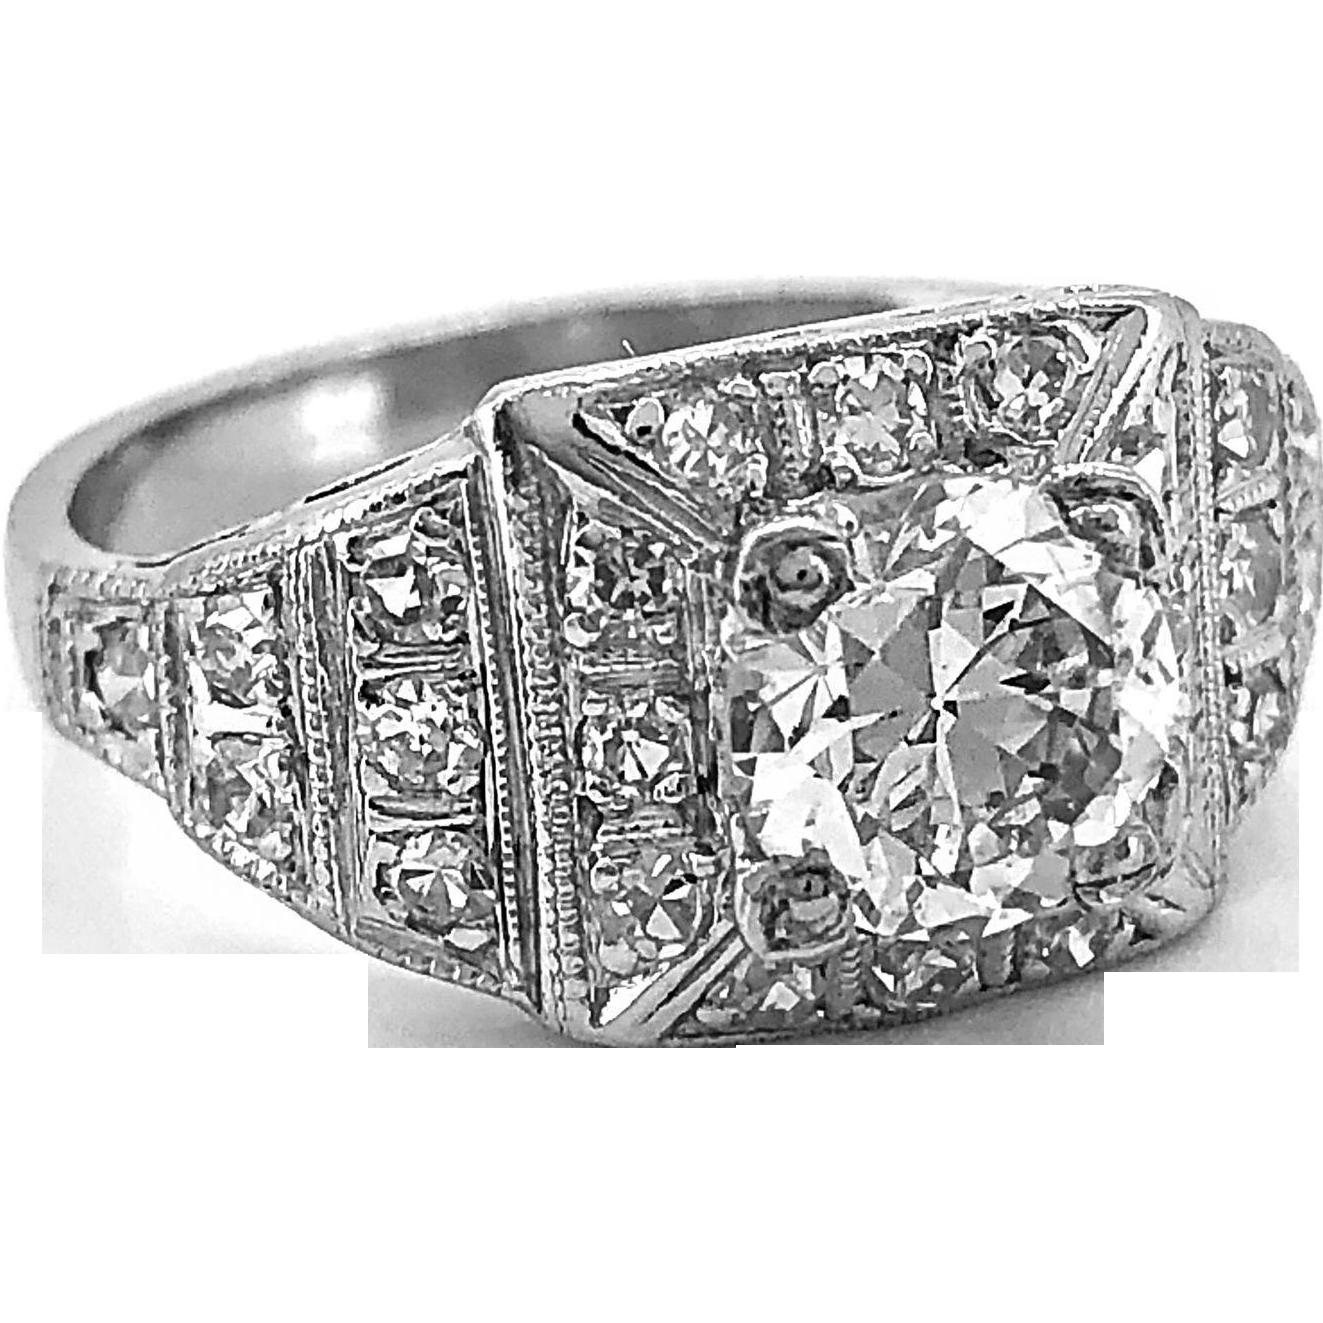 Antique Engagement Ring .97ct. Diamond & Platinum Art Deco